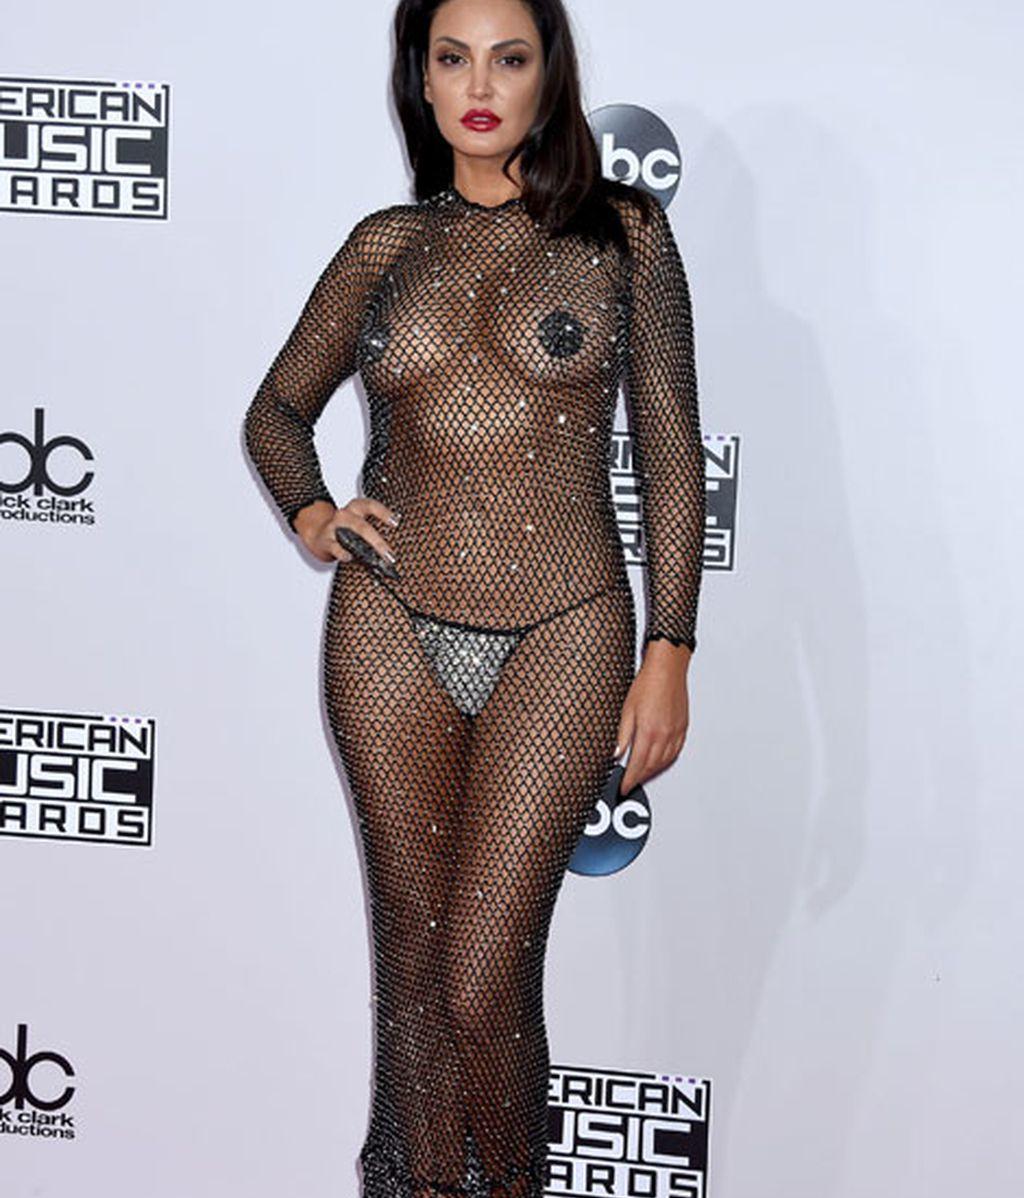 El atrevido vestido de Bleona Qereti recuerda al que ya lució Rihanna en otra ocasión